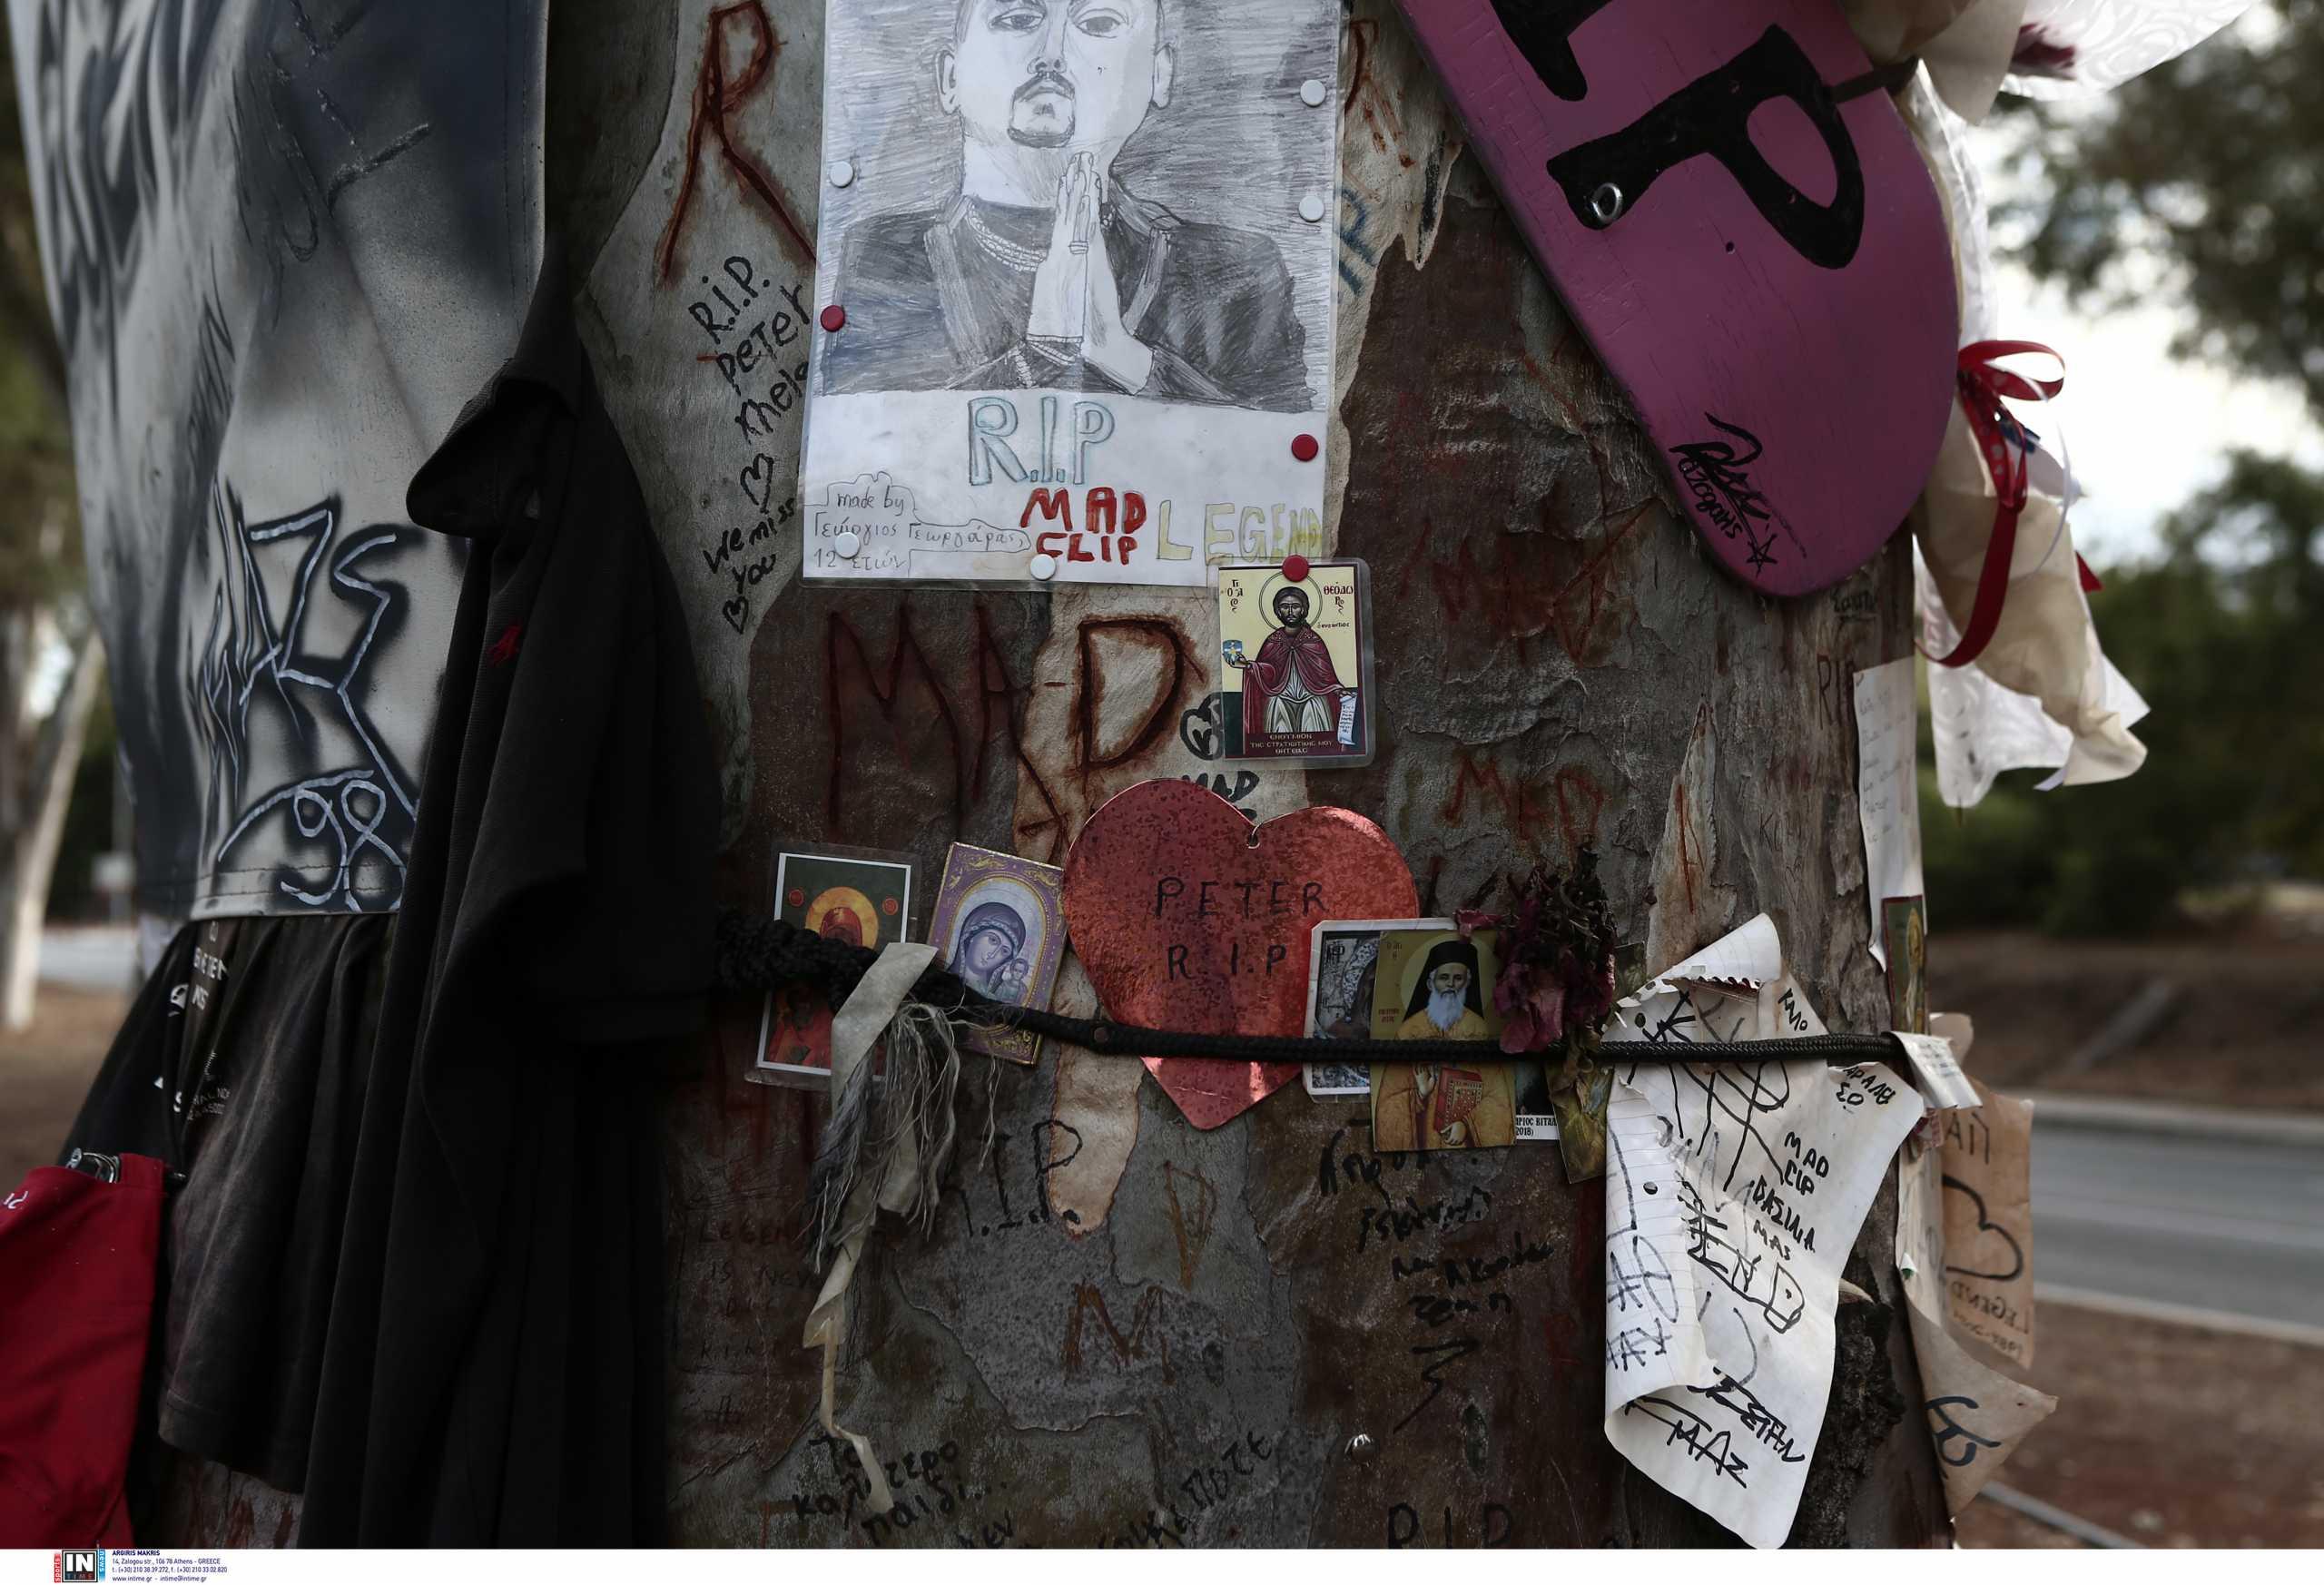 Mad Clip: Τεράστιο πανό κοσμεί το σημείο όπου σκοτώθηκε ο τράπερ – Δείτε τις φωτογραφίες | madclip in 1310 5 scaled